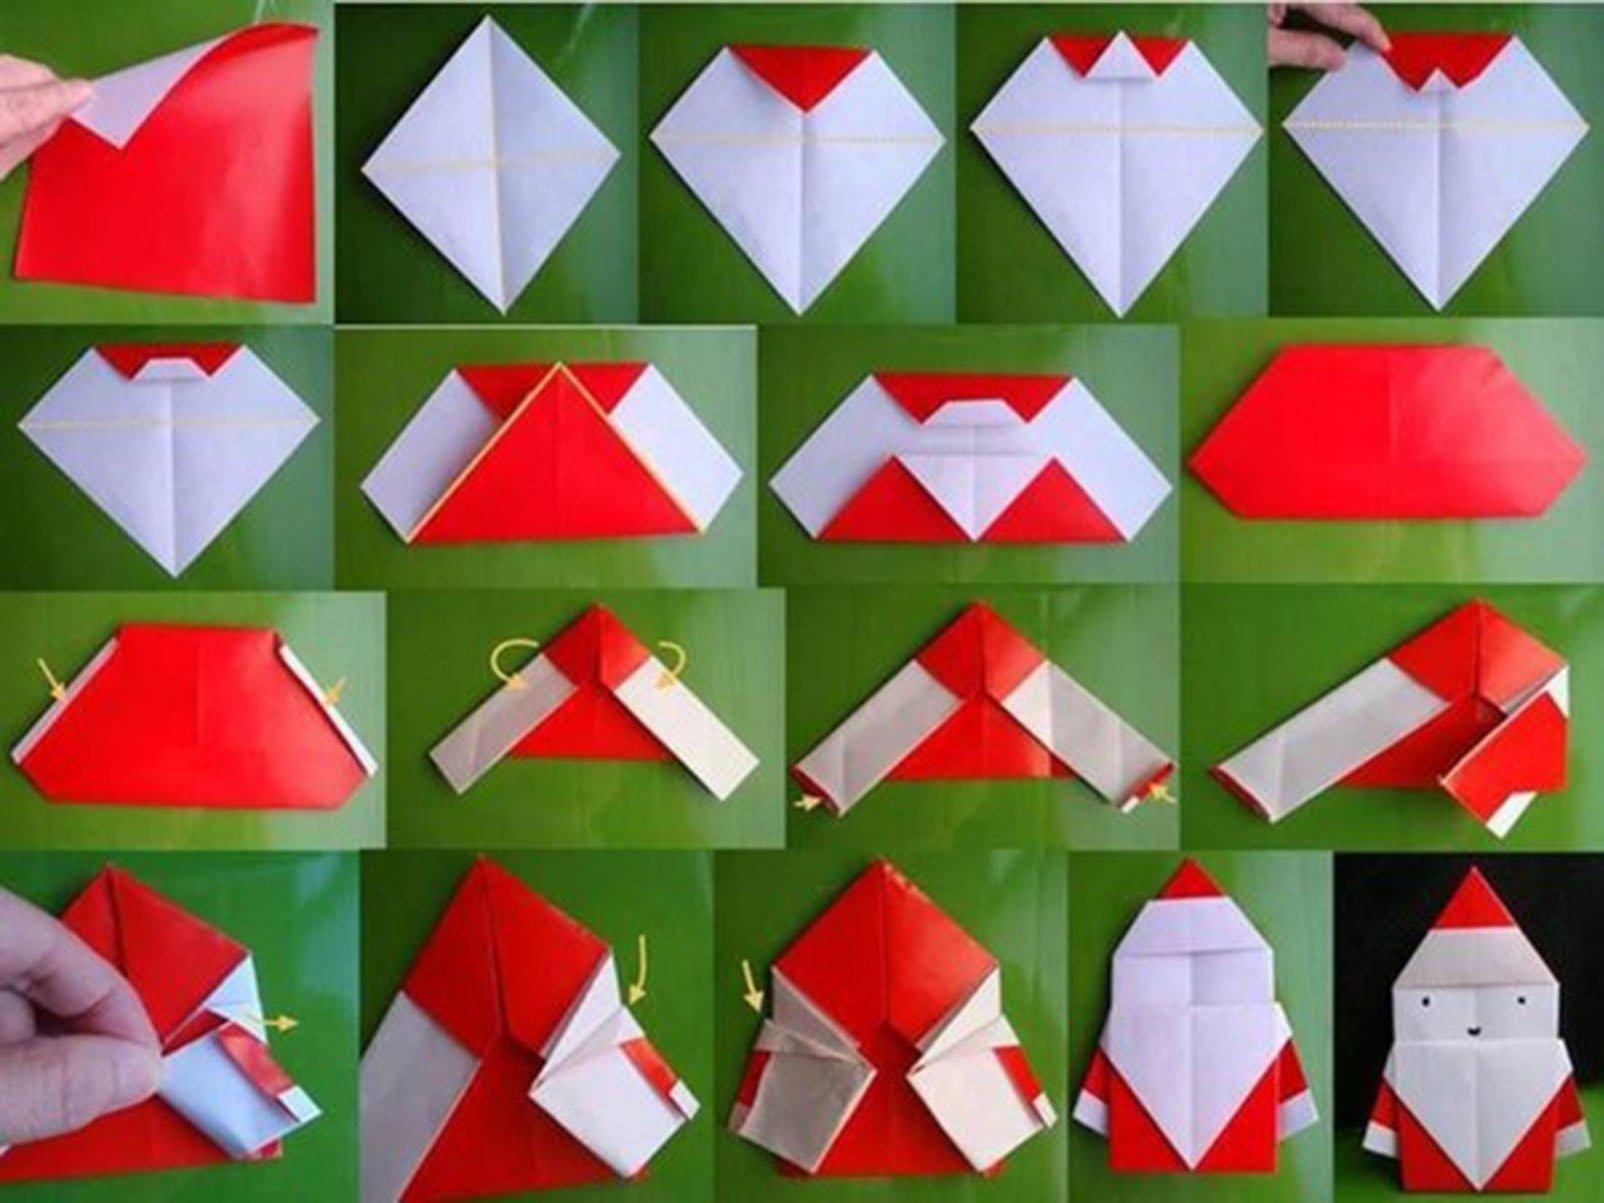 Подробное фоторуководство по выполнению поделки деда мороза в технике оригами